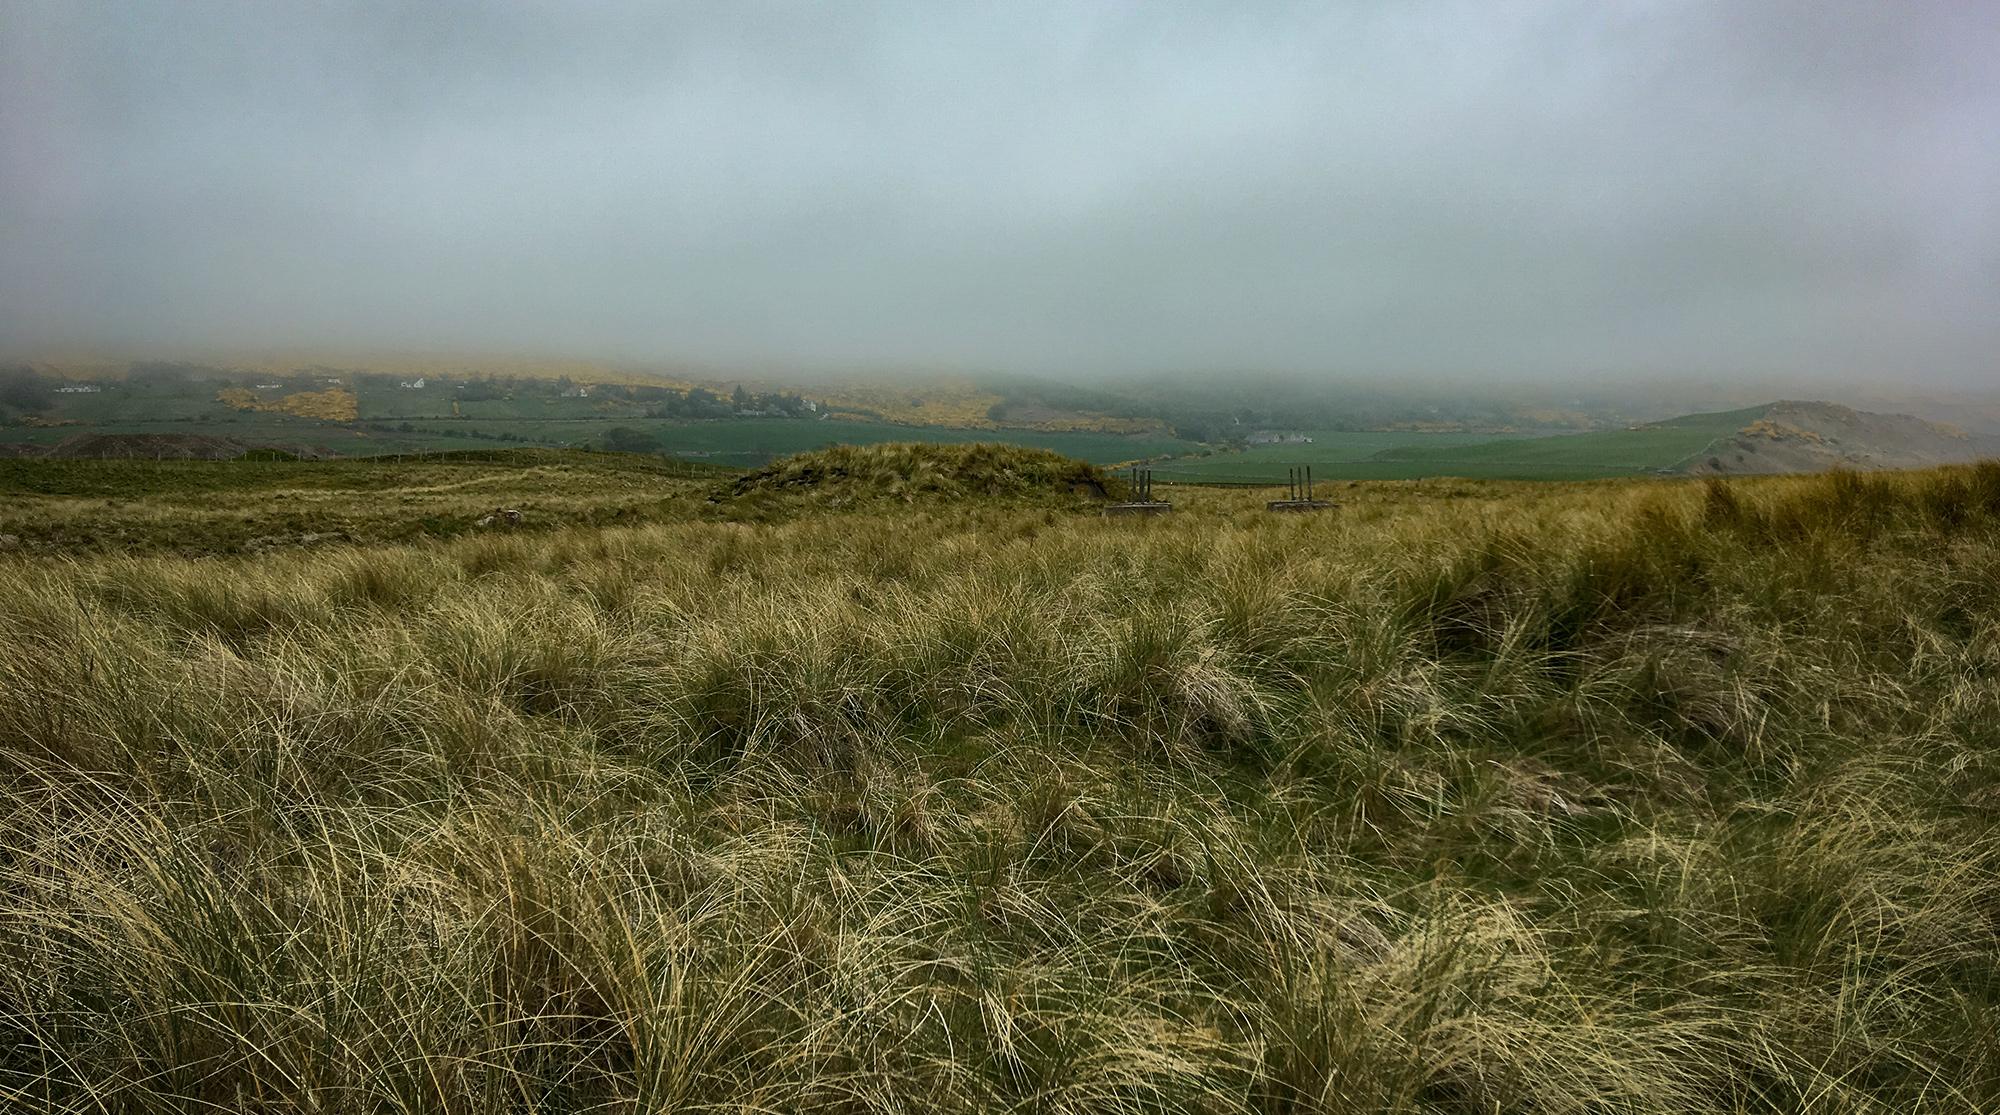 Dünen und Weidelad mit Häusern im Nebel